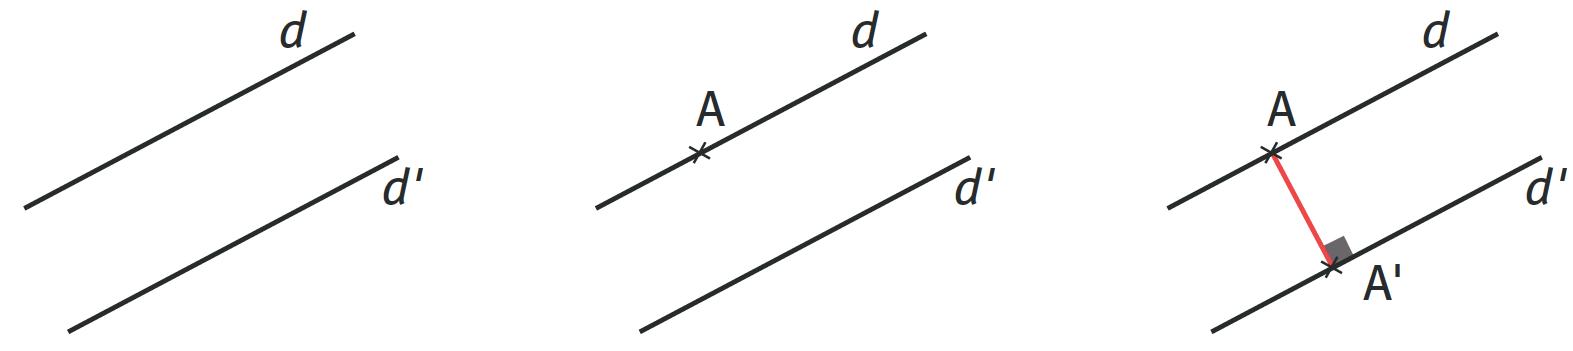 Refaire : Calculer la distance entre les droites parallèles $$d$$ et $$d'$$.